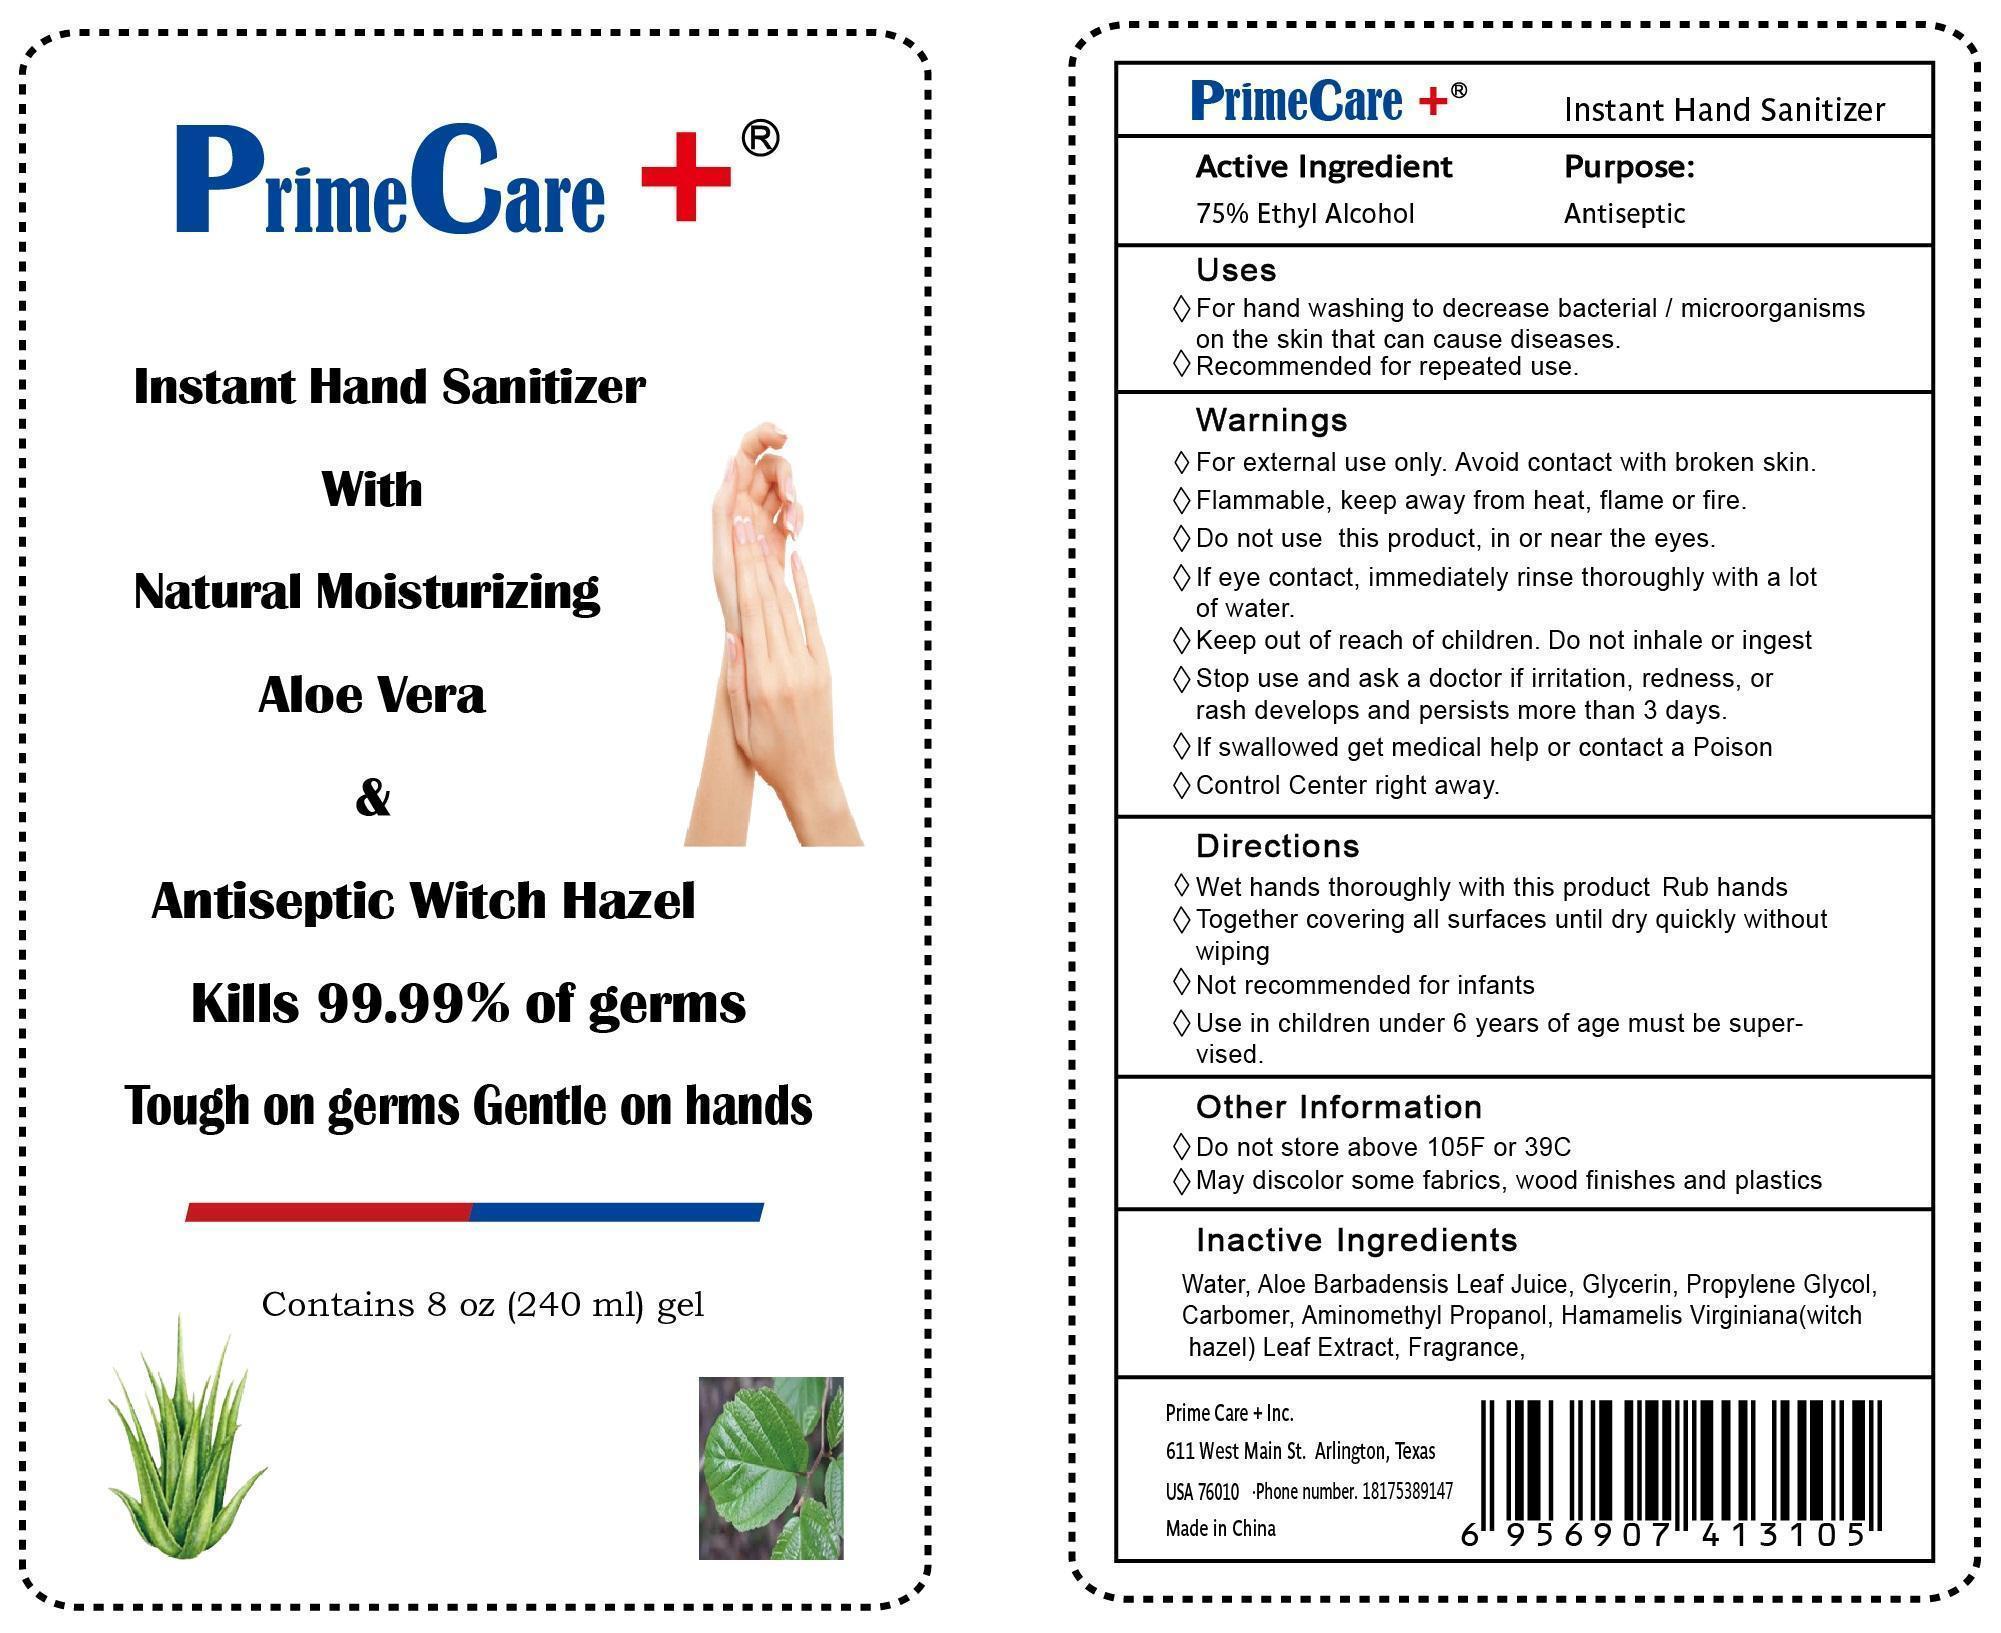 Instant Hand Sanitizer (Ethyl Alcohol) Gel [Primecare + Inc.]